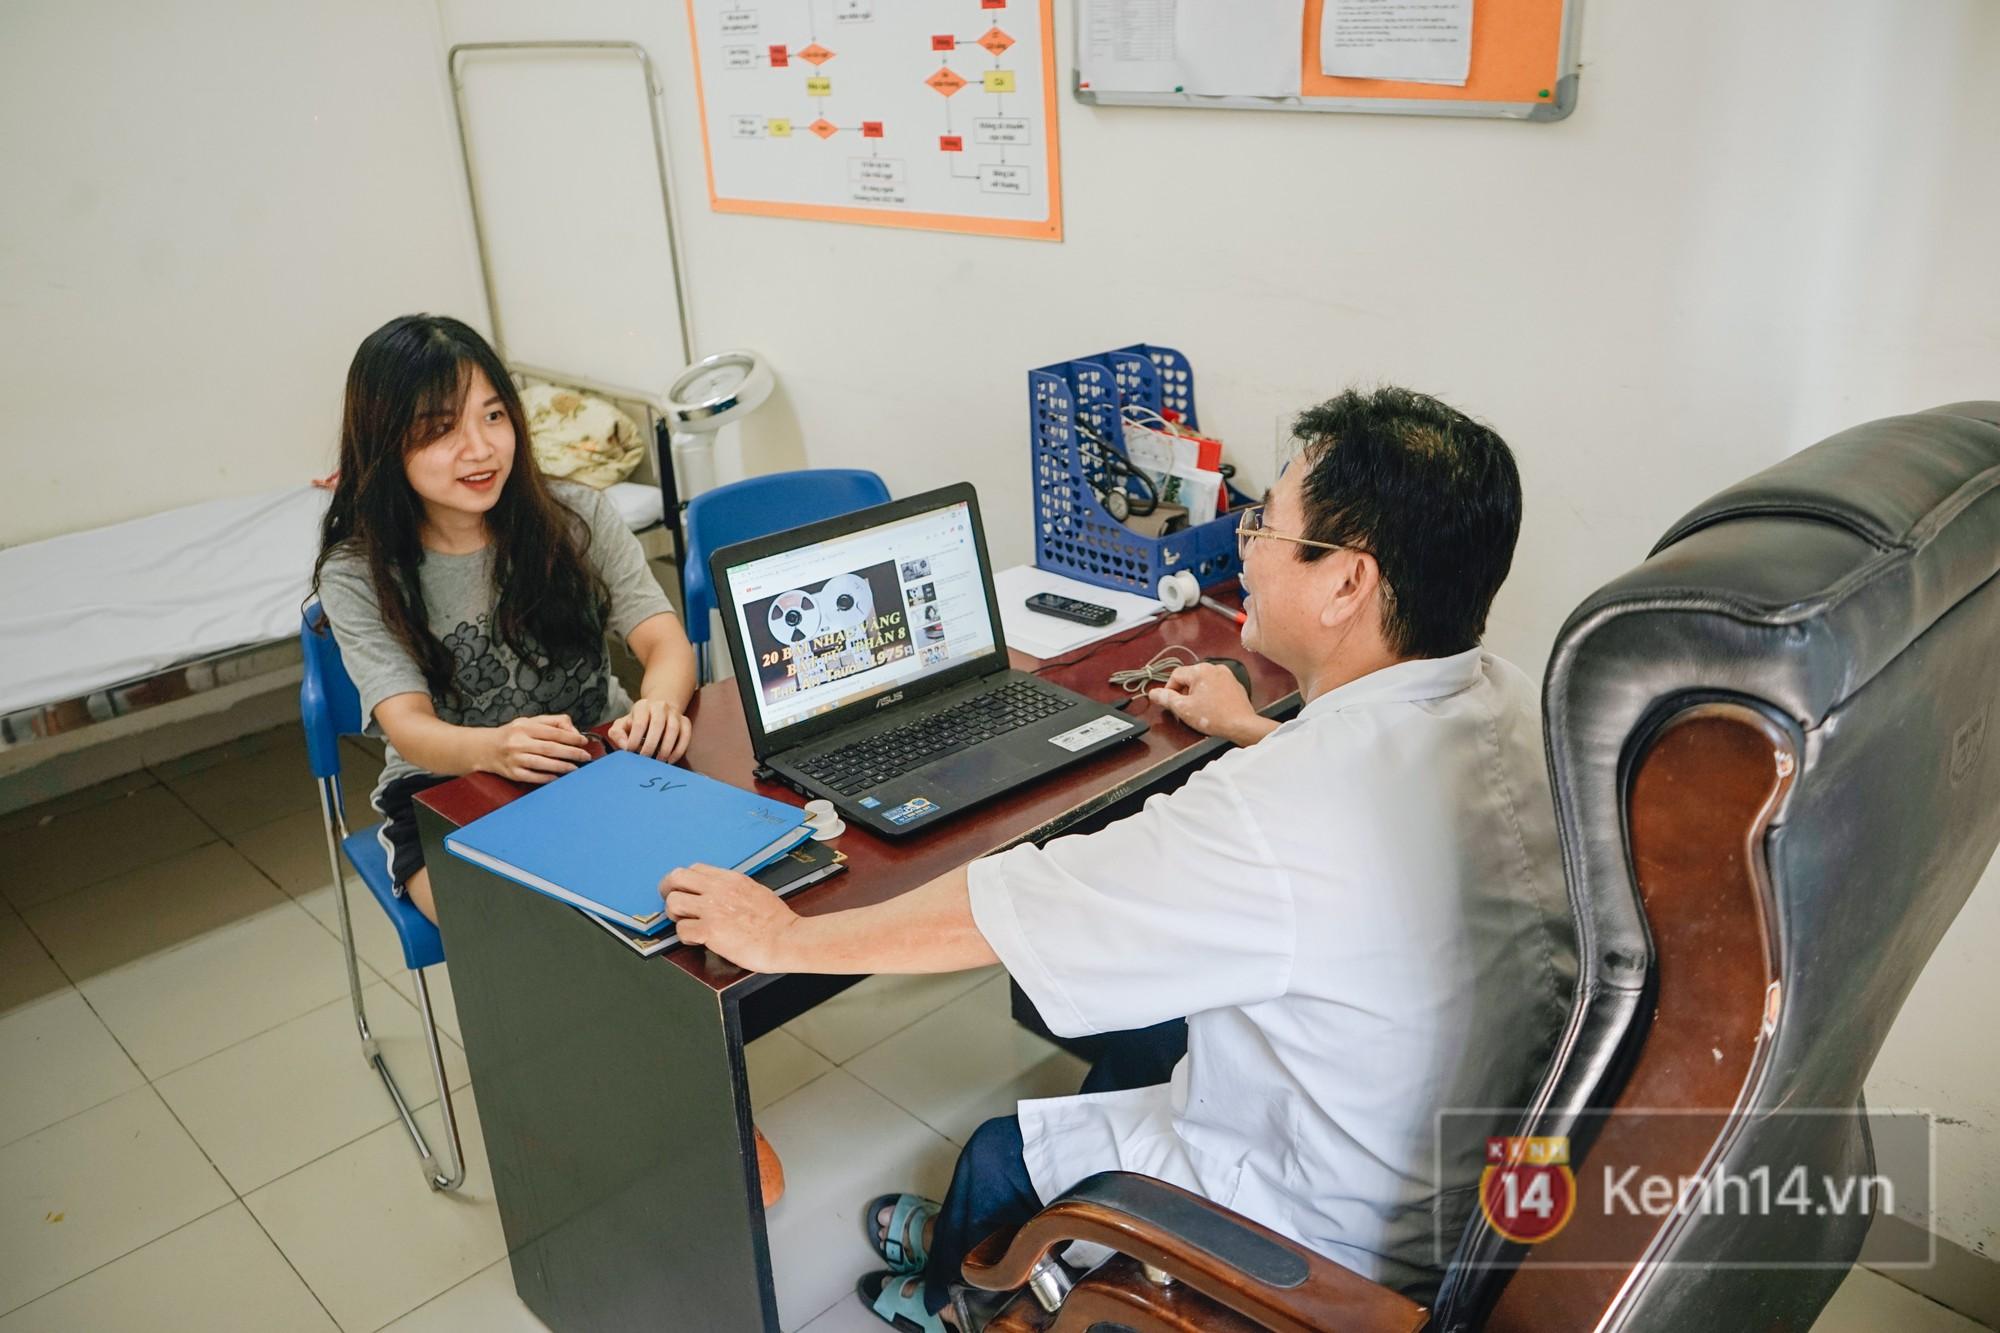 Ghé thăm ký túc xá đại học đẹp nhất nhì Việt Nam, nơi sinh viên hưởng cuộc sống chẳng khác gì ở khách sạn - Ảnh 23.